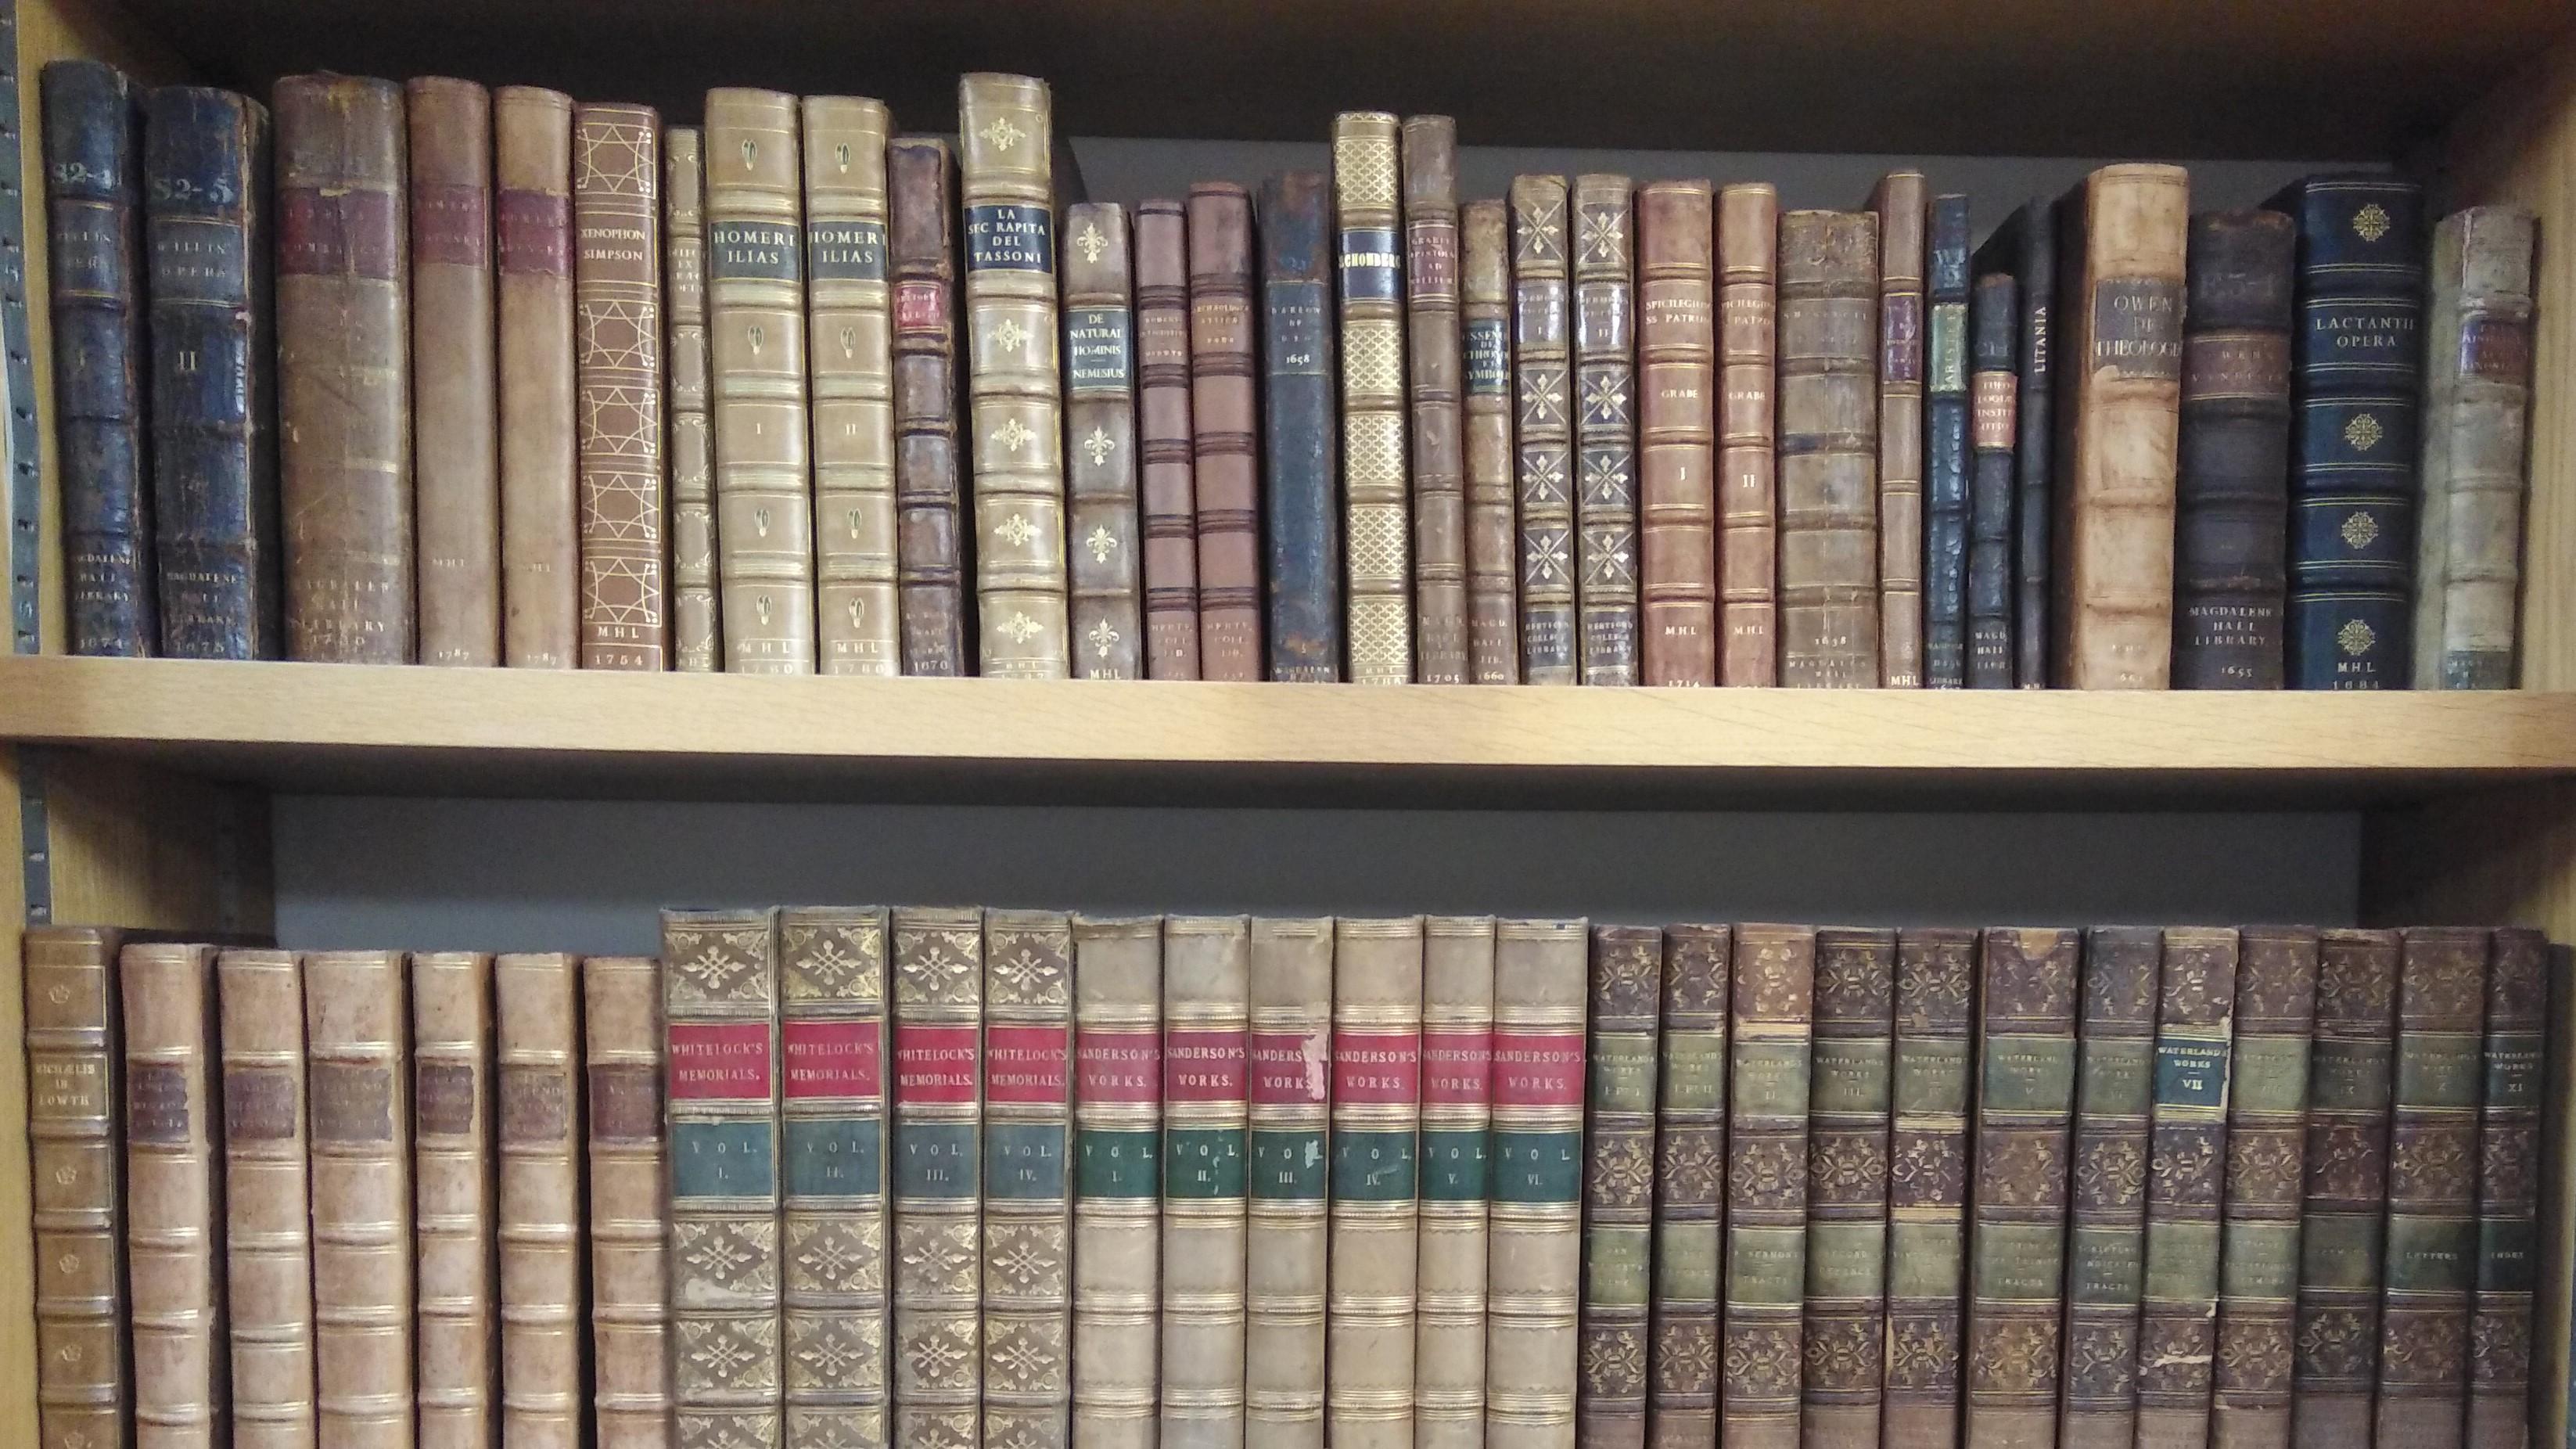 Two shelves of rare books